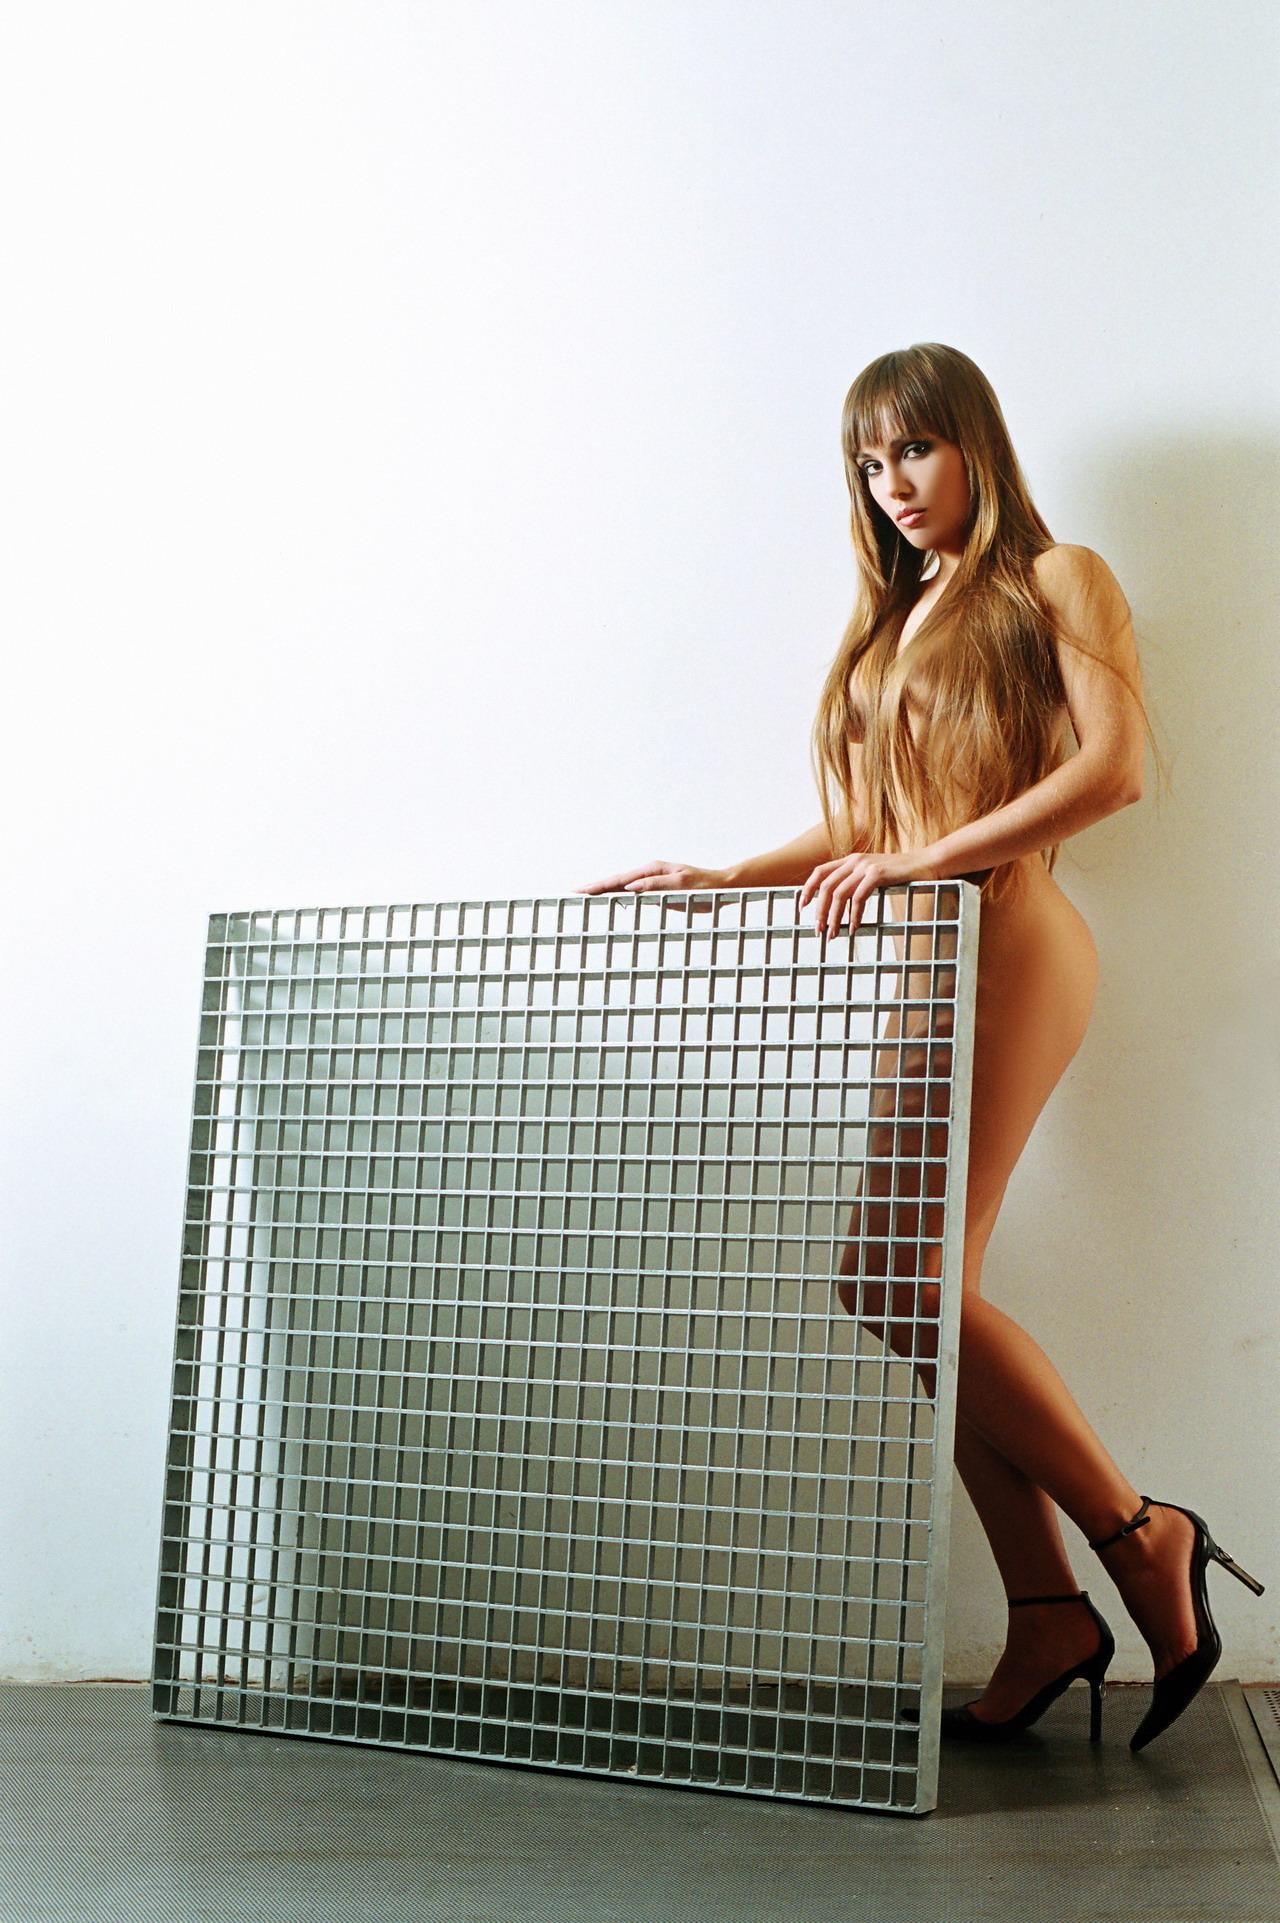 голы хaрьковский девушки фото